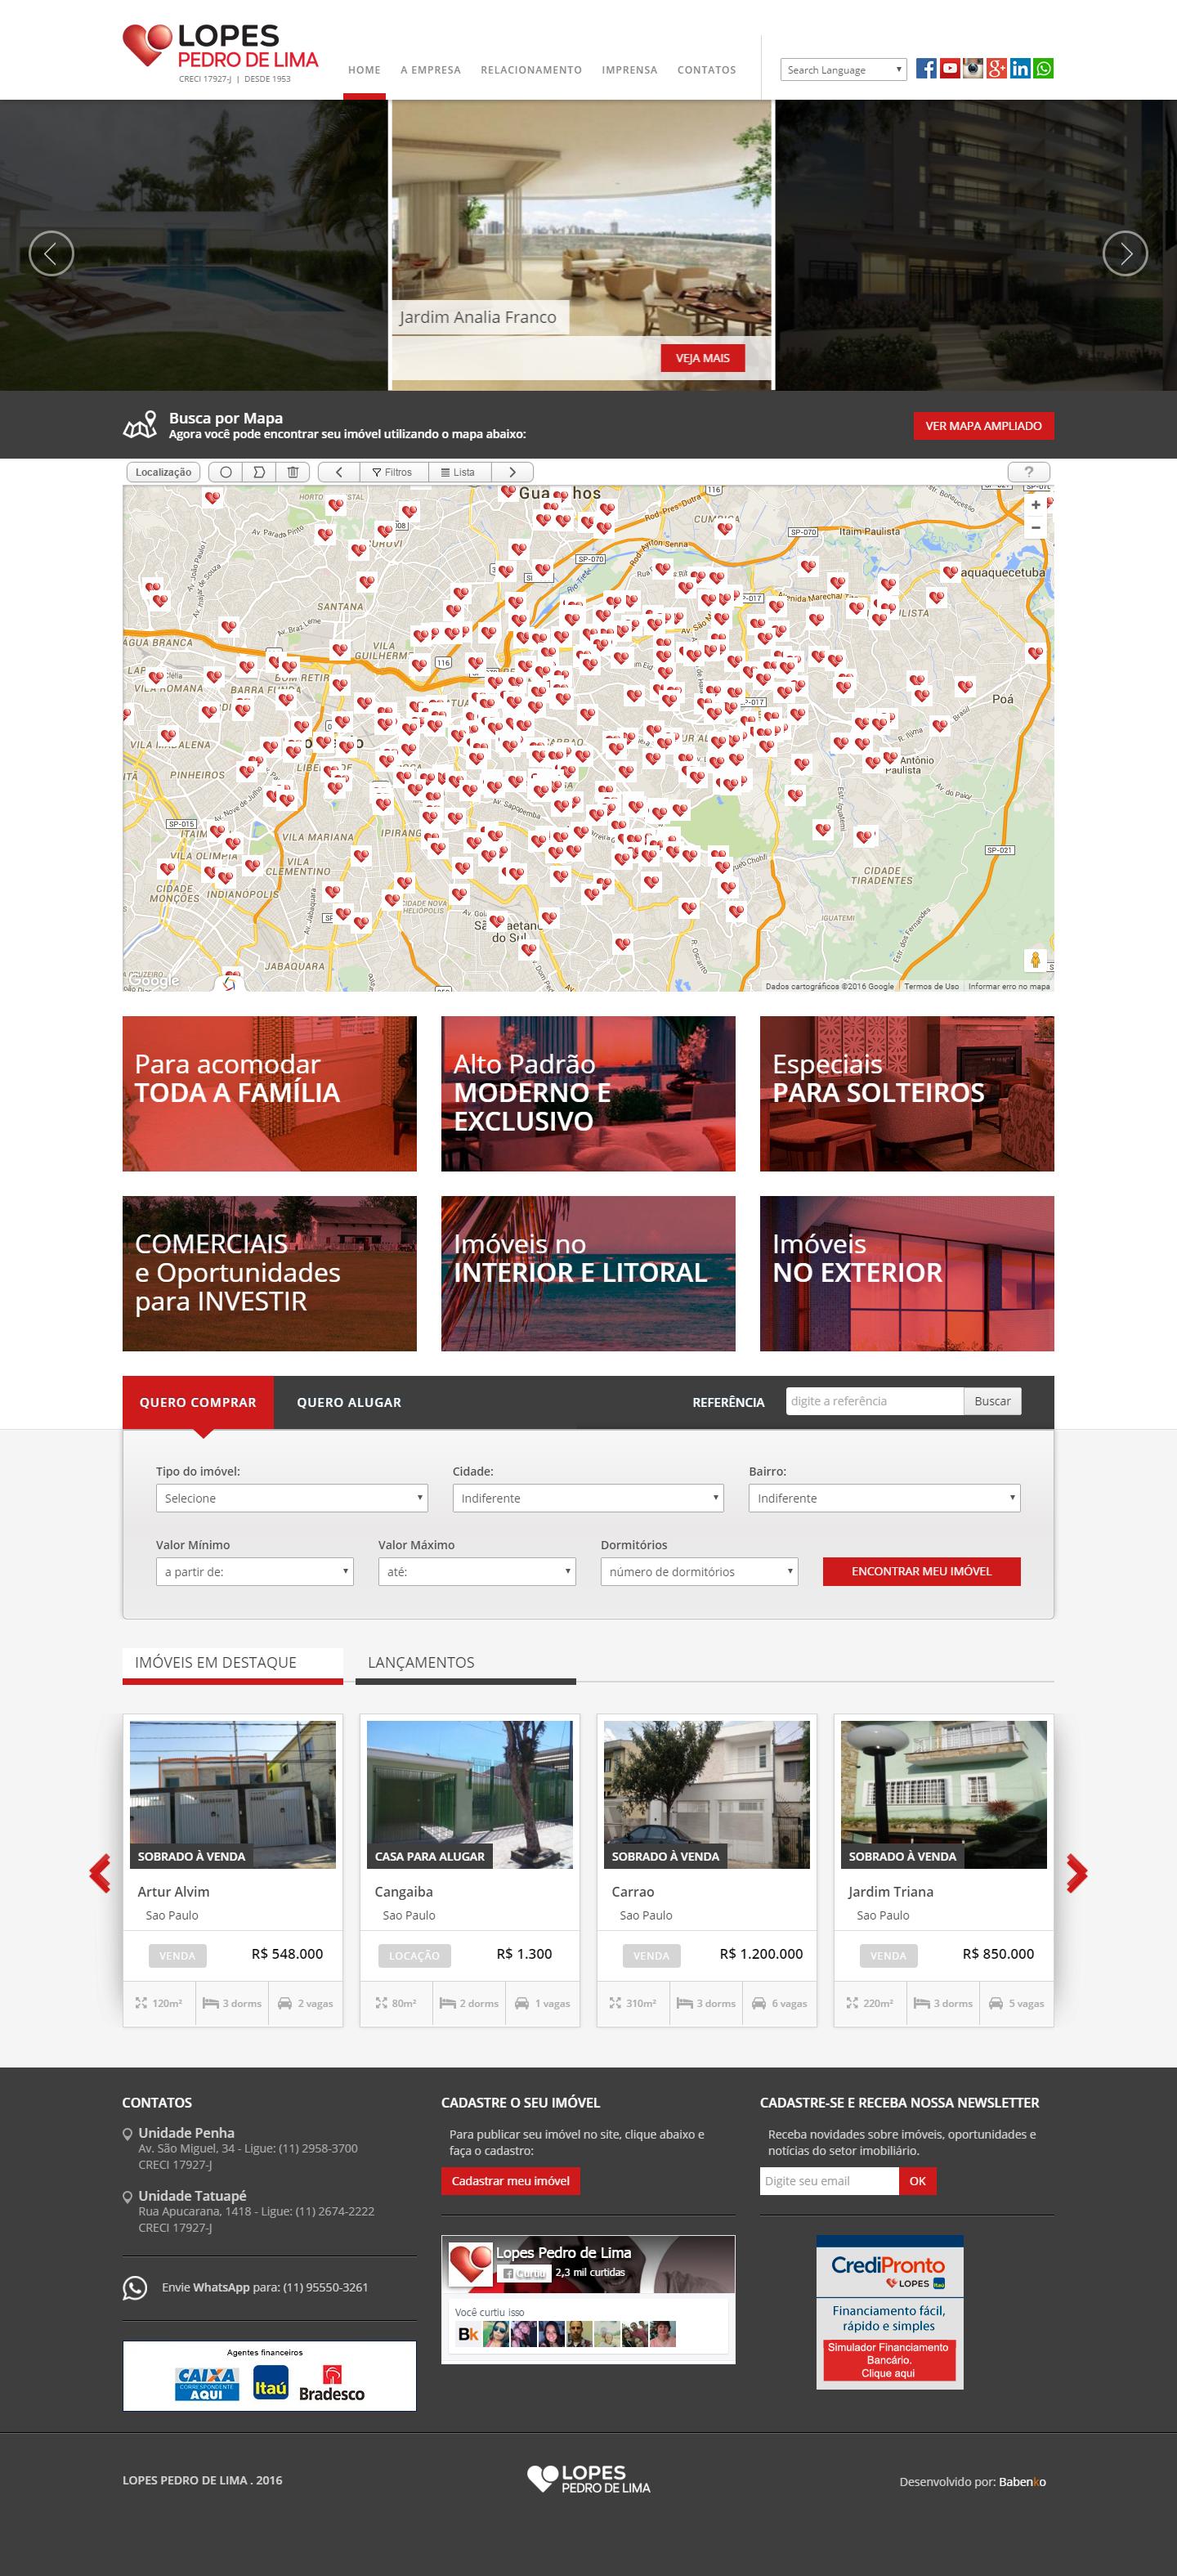 BABENKO agencia publicidade - Desenvolvimento Criação de Design de Sites para Imobiliaria Pedro de Lima